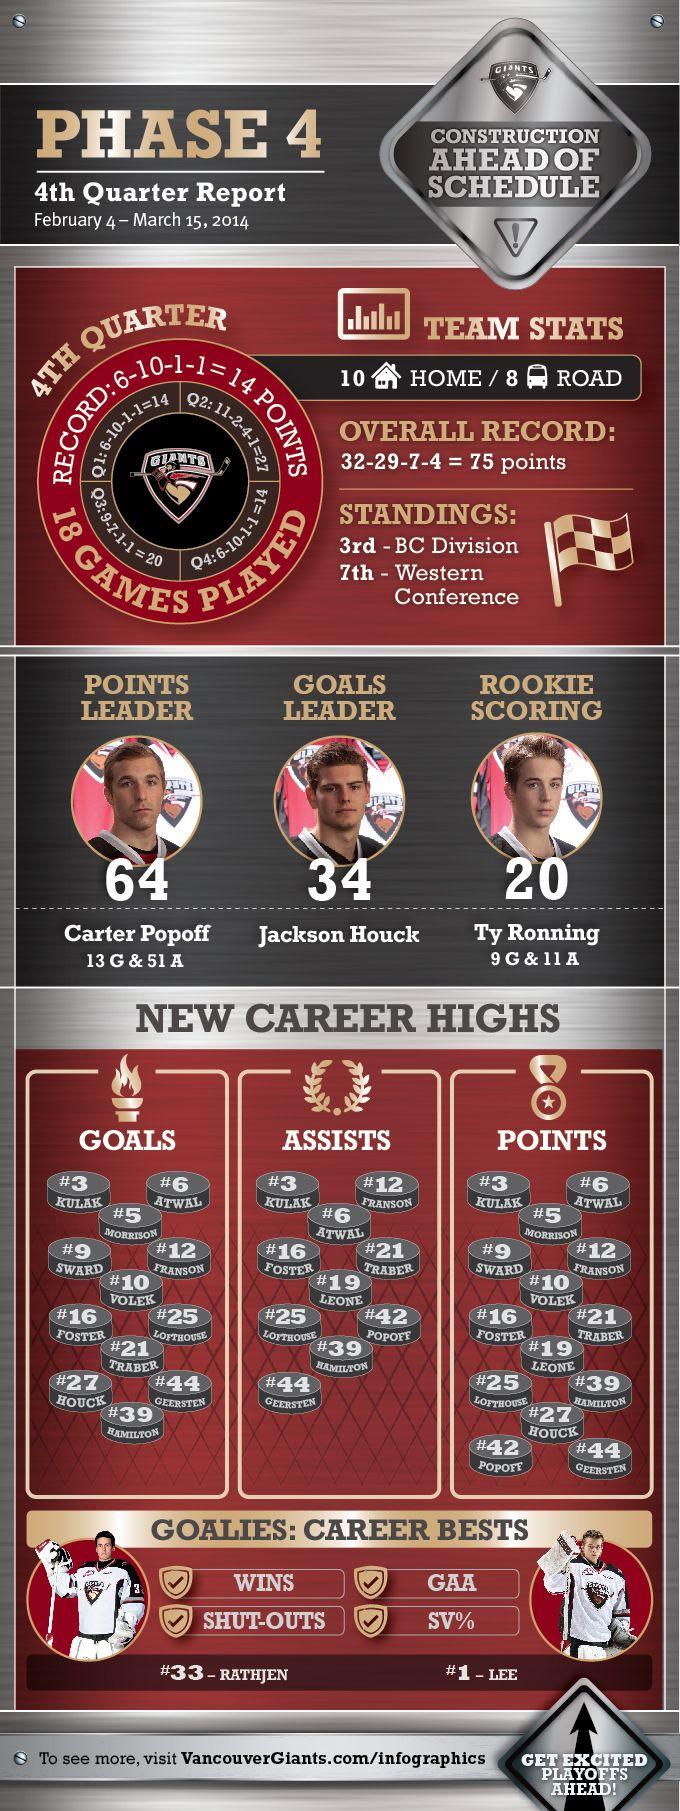 2013/14 Fourth Quarter Report